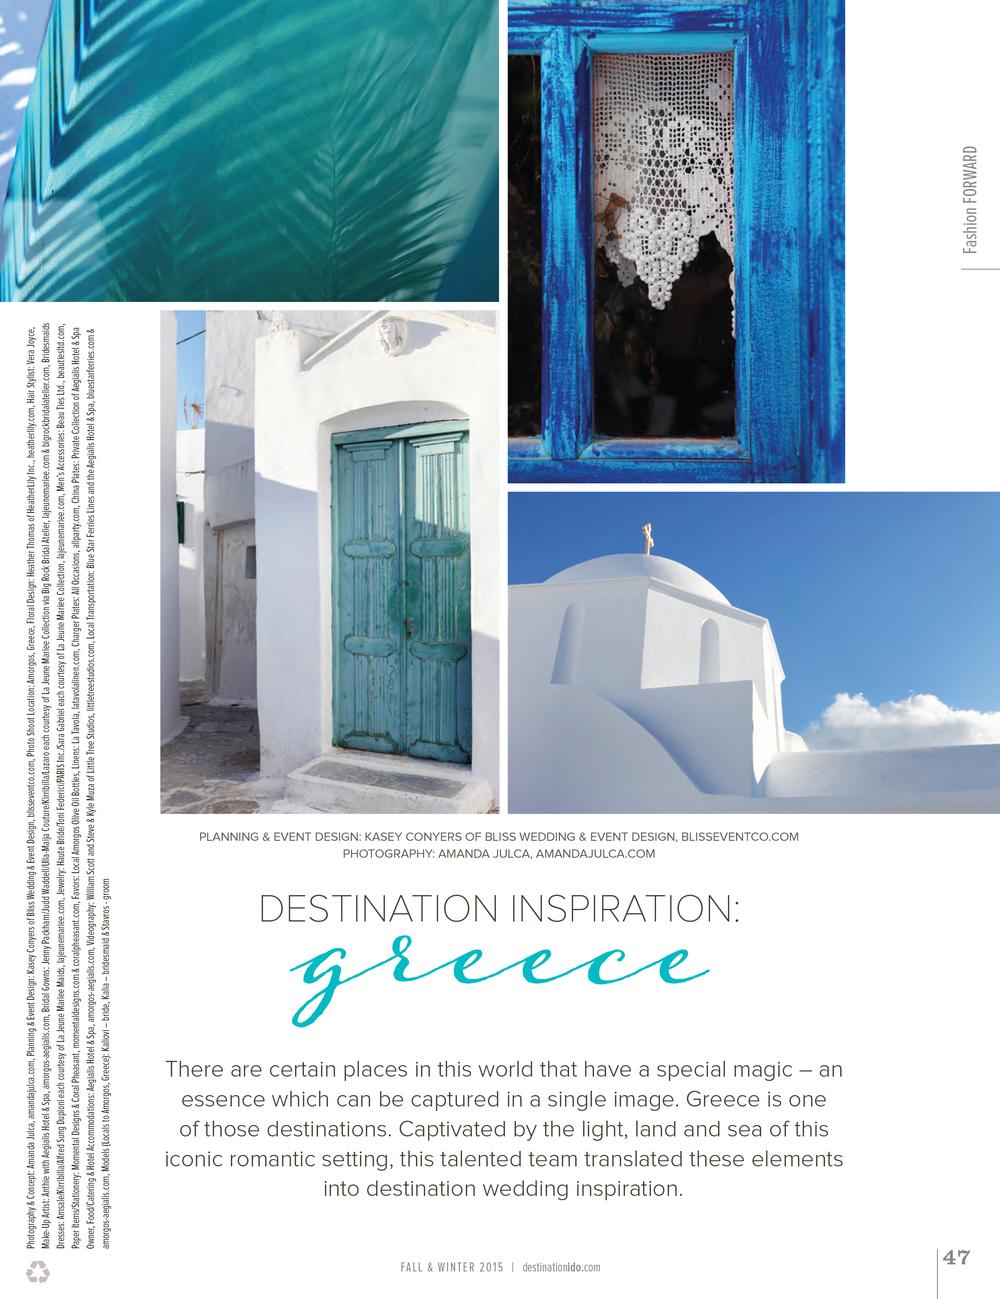 DID_FW15_FF_Greece-3.jpg